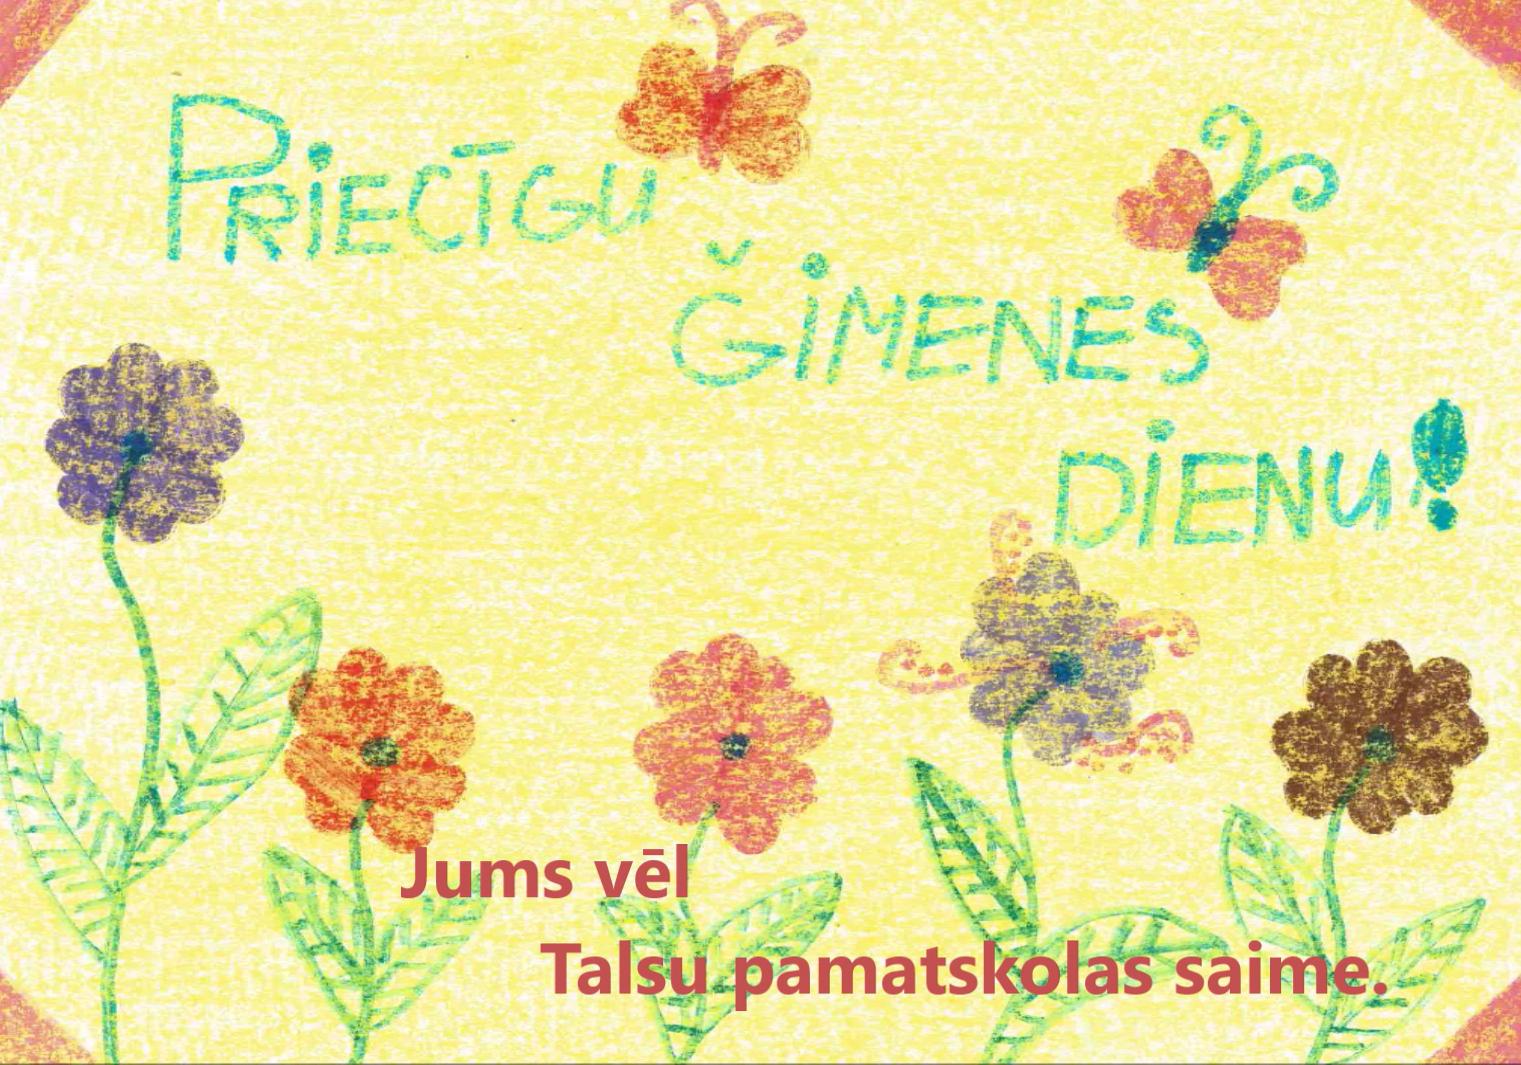 gim_d.png